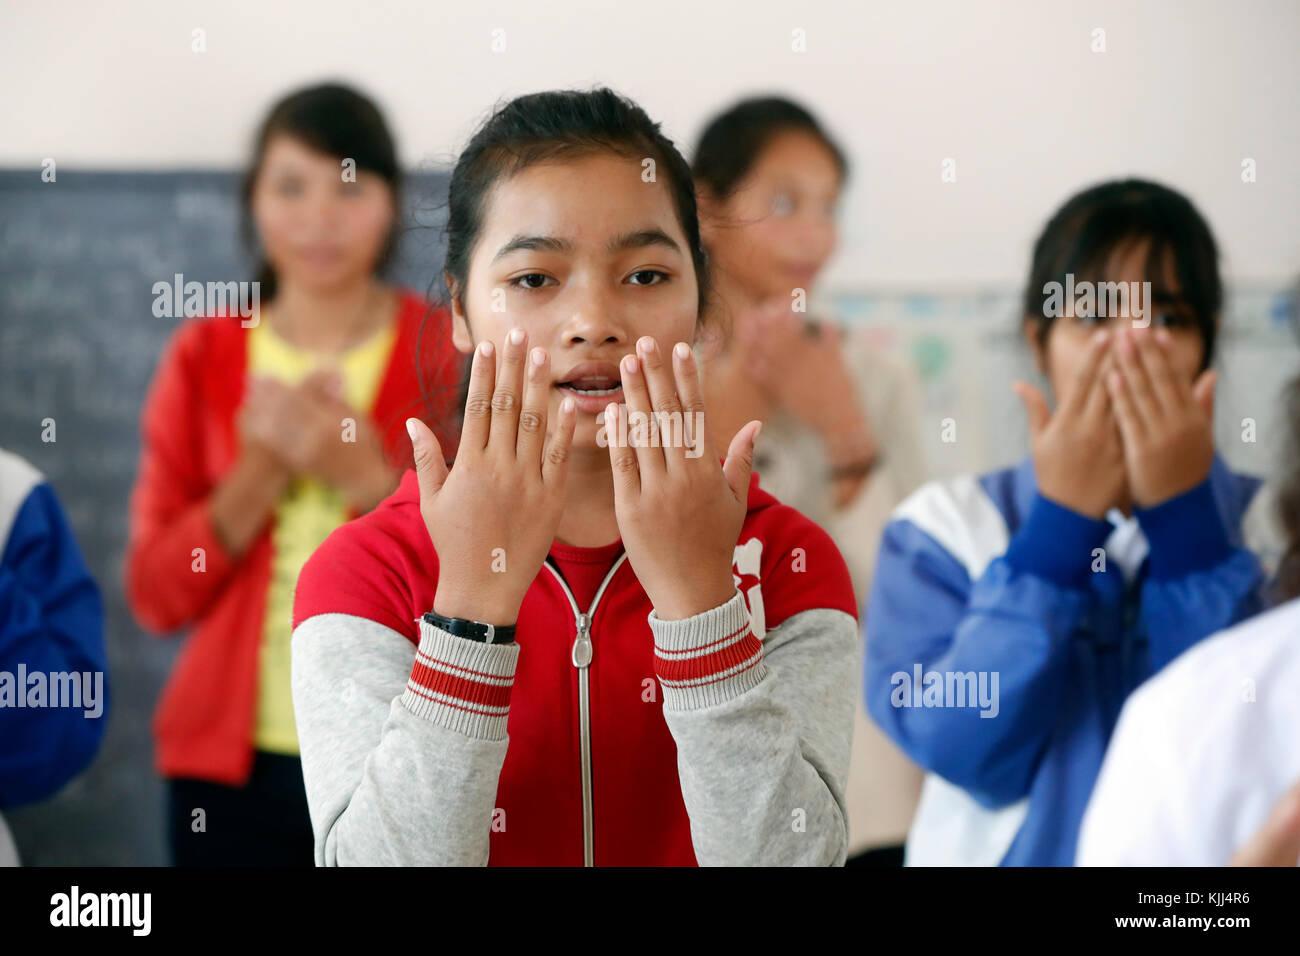 Centro per la minoranza etnica ragazza gestito dalle Suore Francescane Missionarie di Maria. Immagini Stock